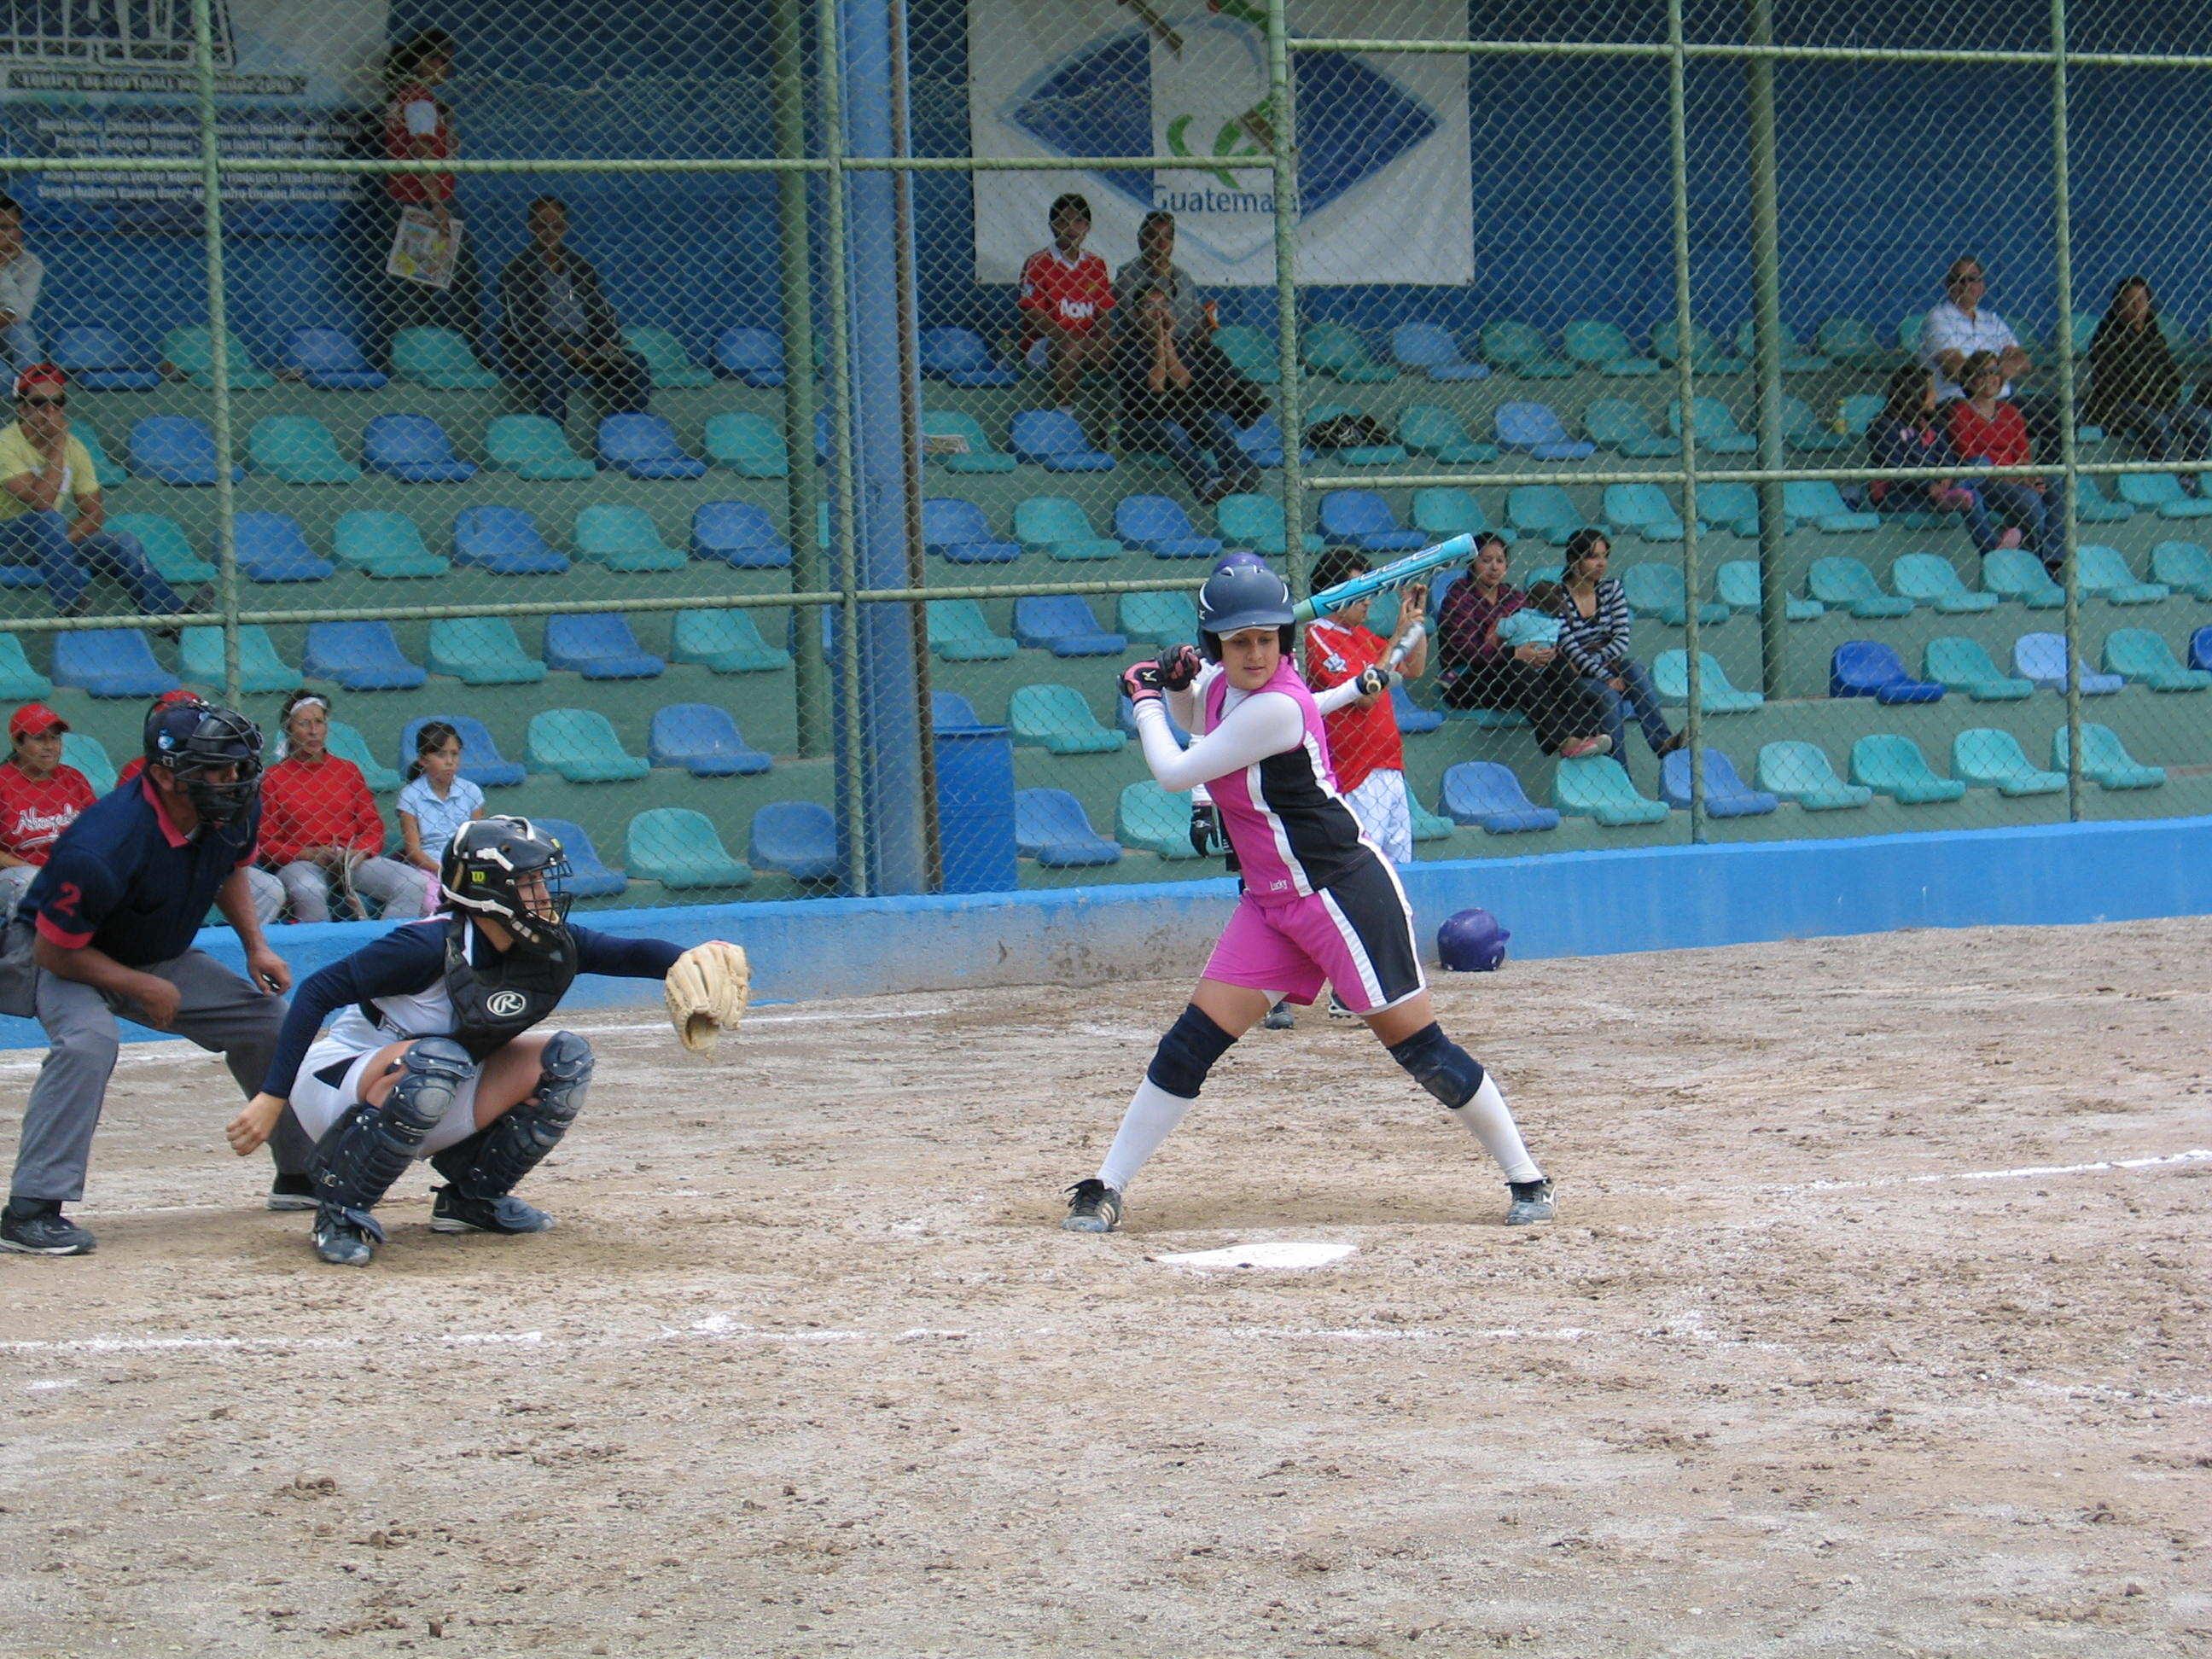 Clasificación del Softbol Mayor guatemalteco